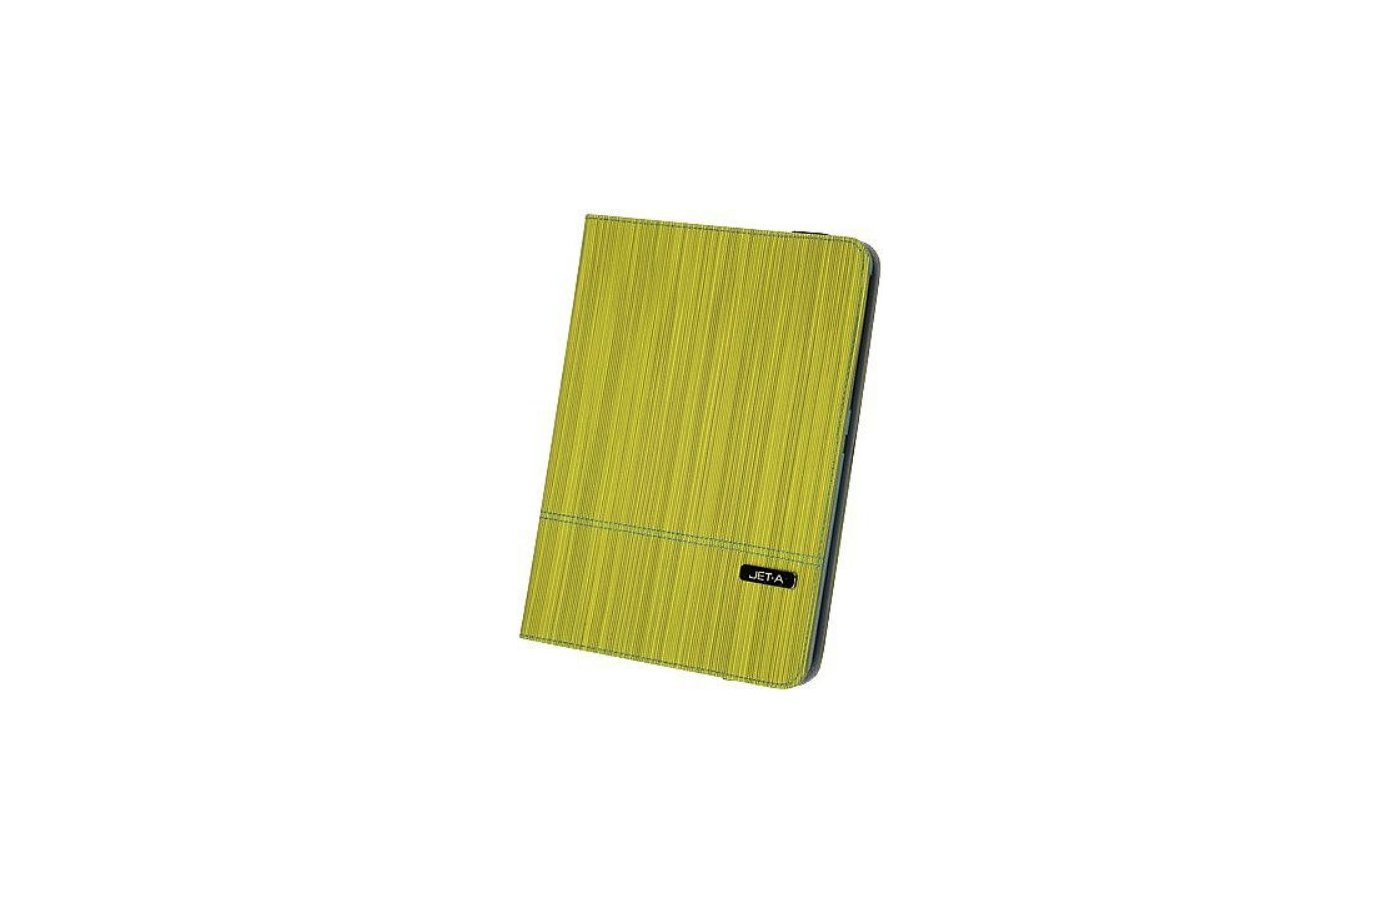 Чехол для планшетного ПК Jet.A SC10-7 для Samsung GT4 10.1 Цвет - Жёлтый